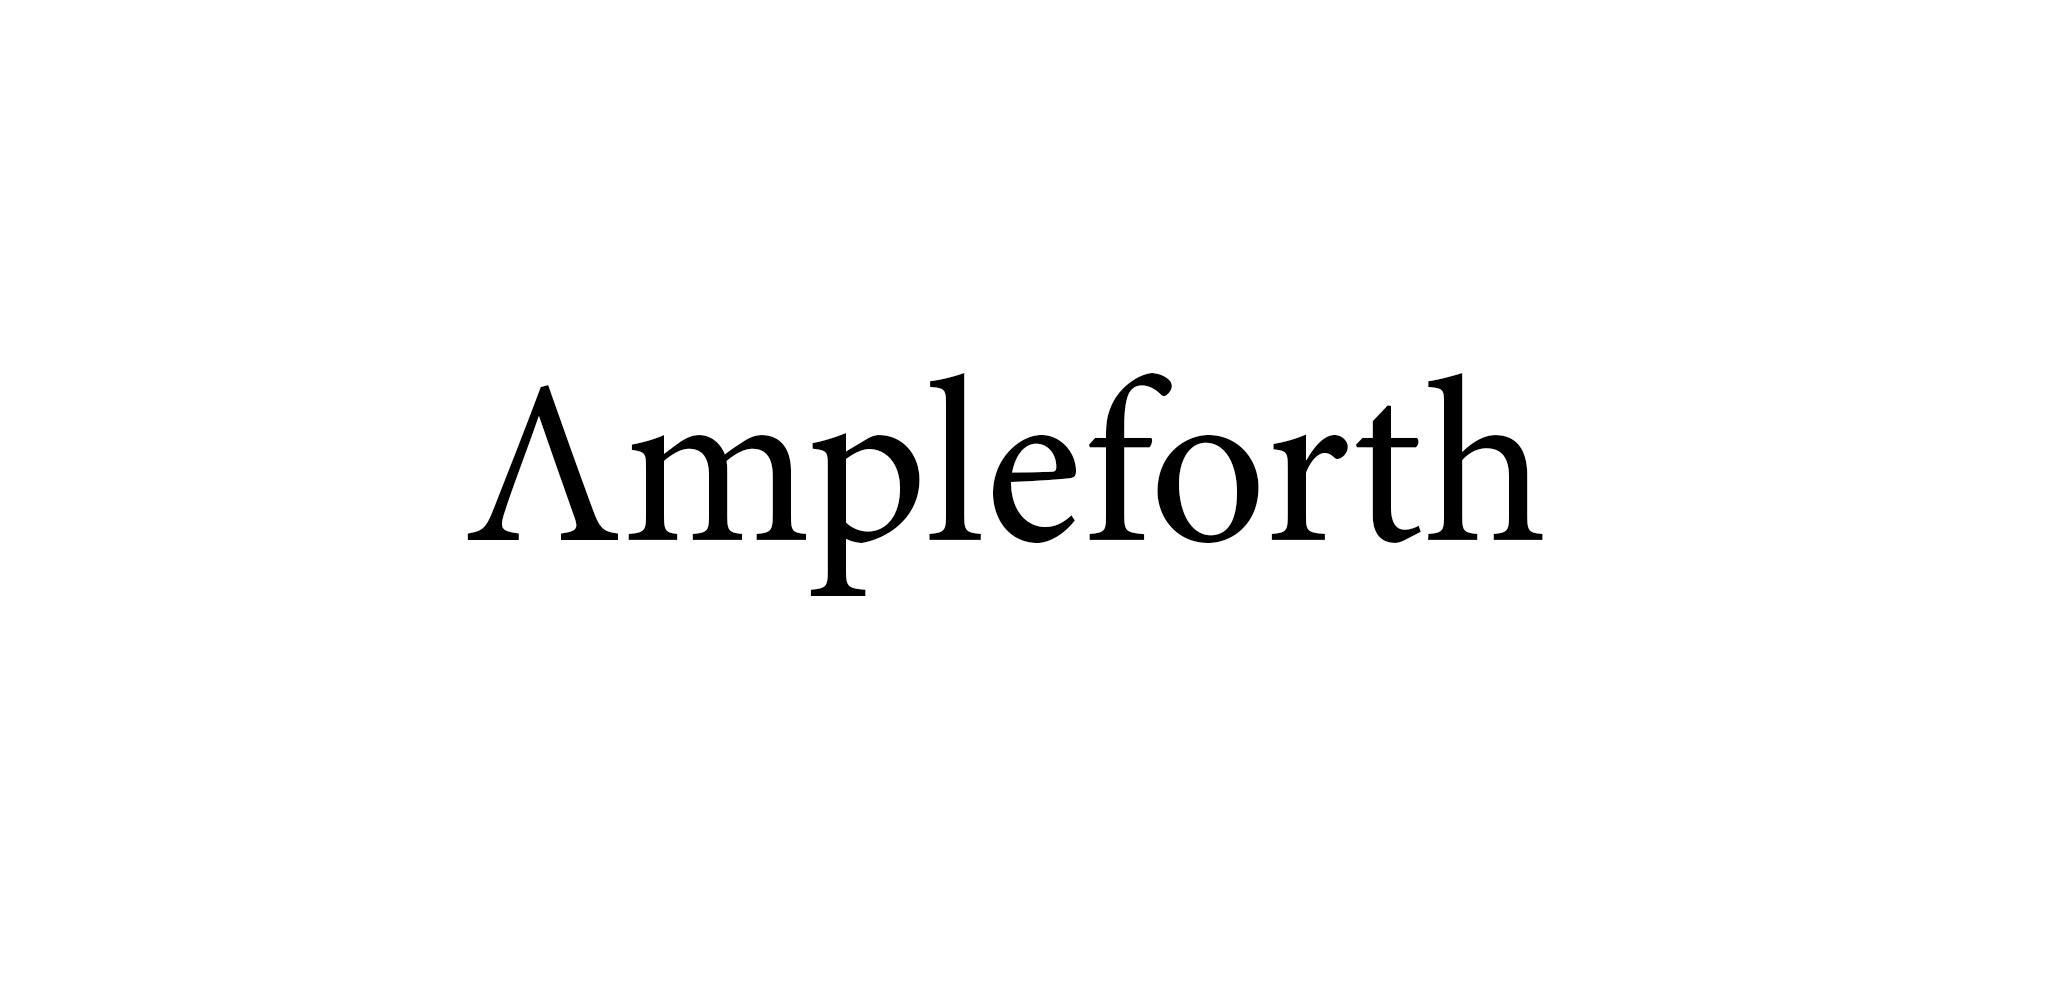 القيمة السوقية لعملة AMPL القائمة على الايثيريوم ترتفع بنسبة 5000%